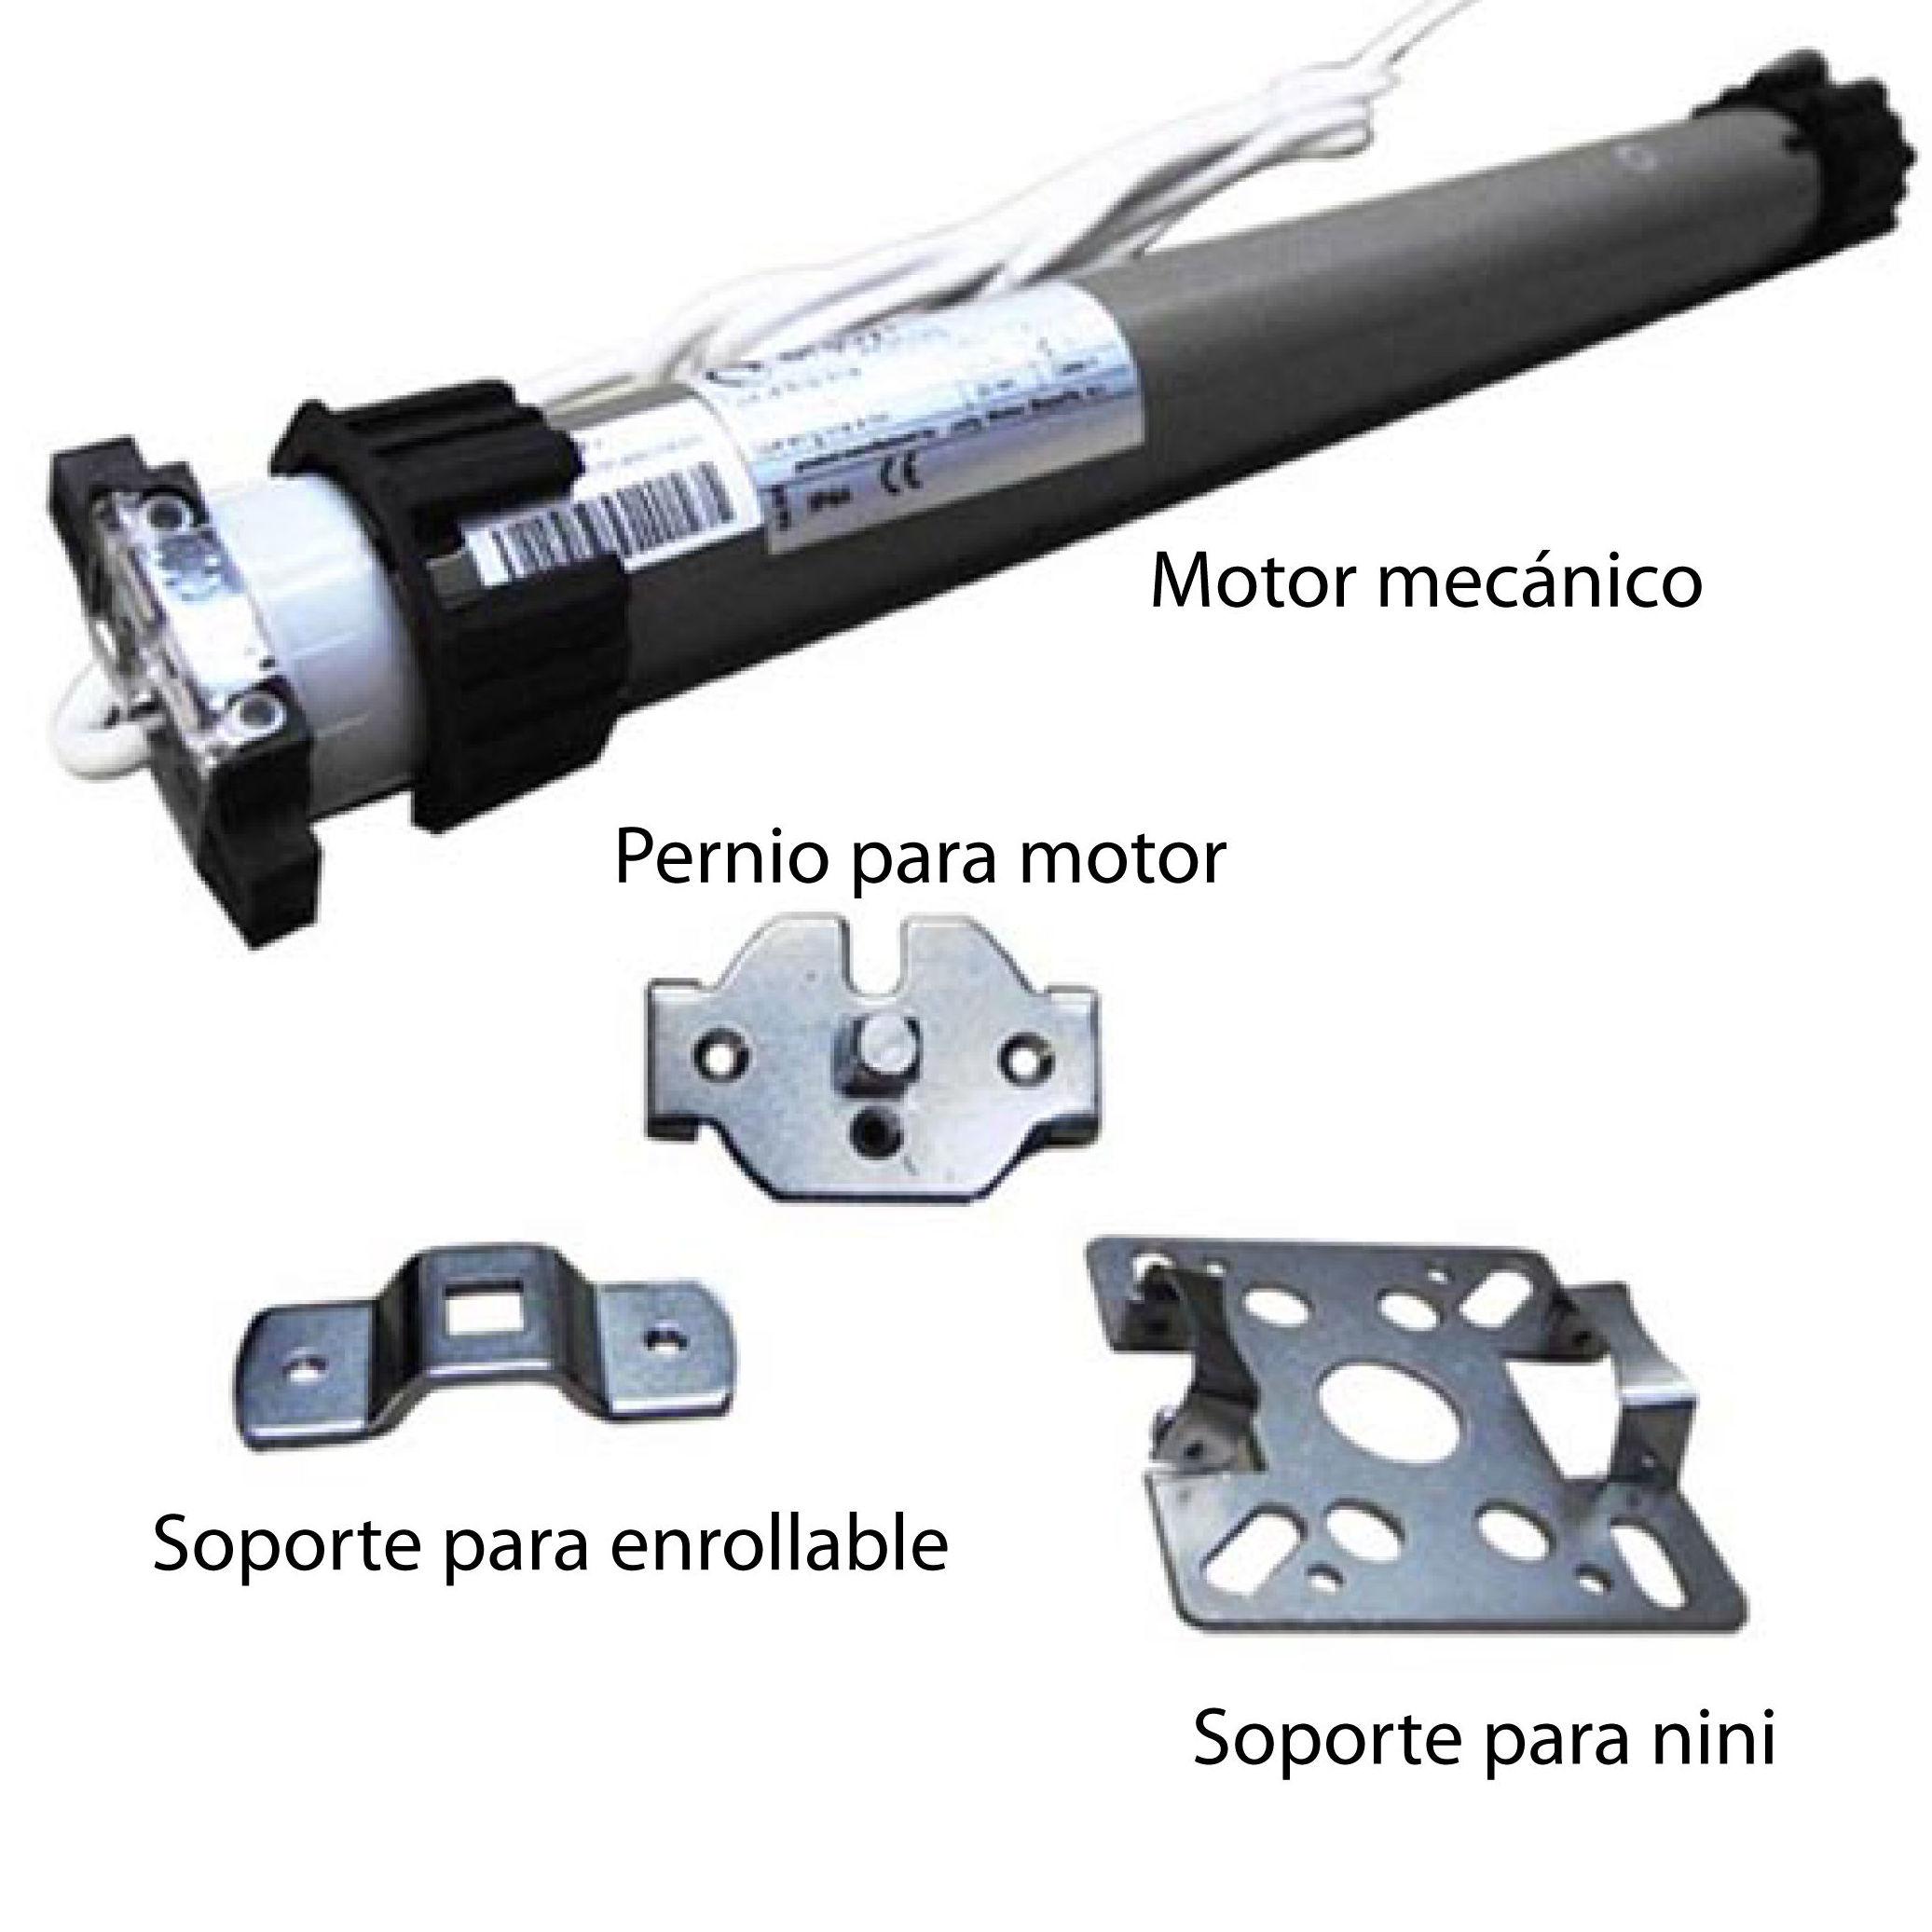 Motores persianas Oviedo